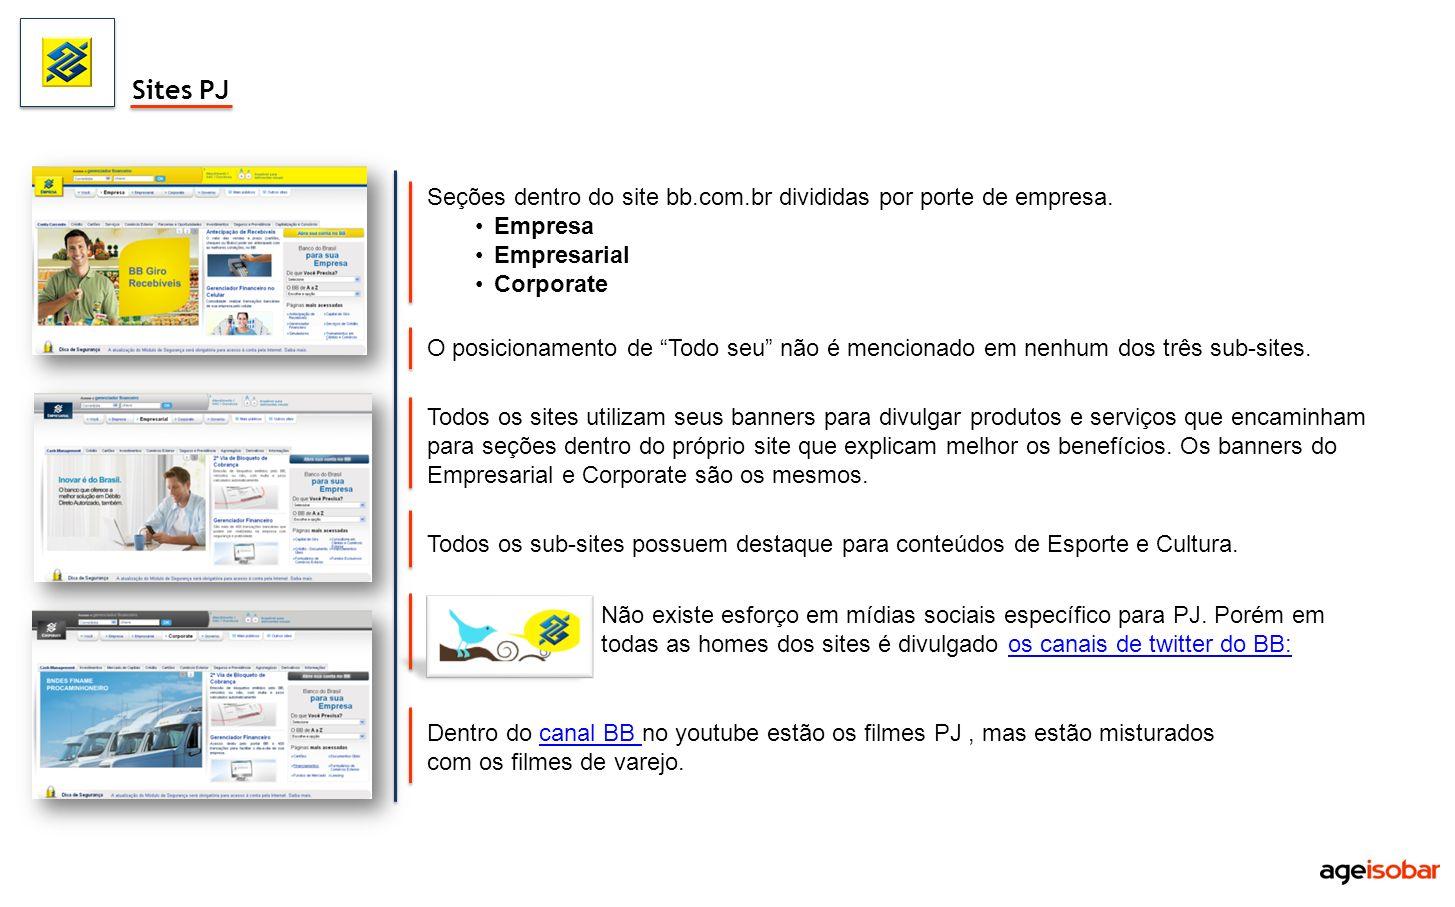 Todos os sites utilizam seus banners para divulgar produtos e serviços que encaminham para seções dentro do próprio site que explicam melhor os benefí